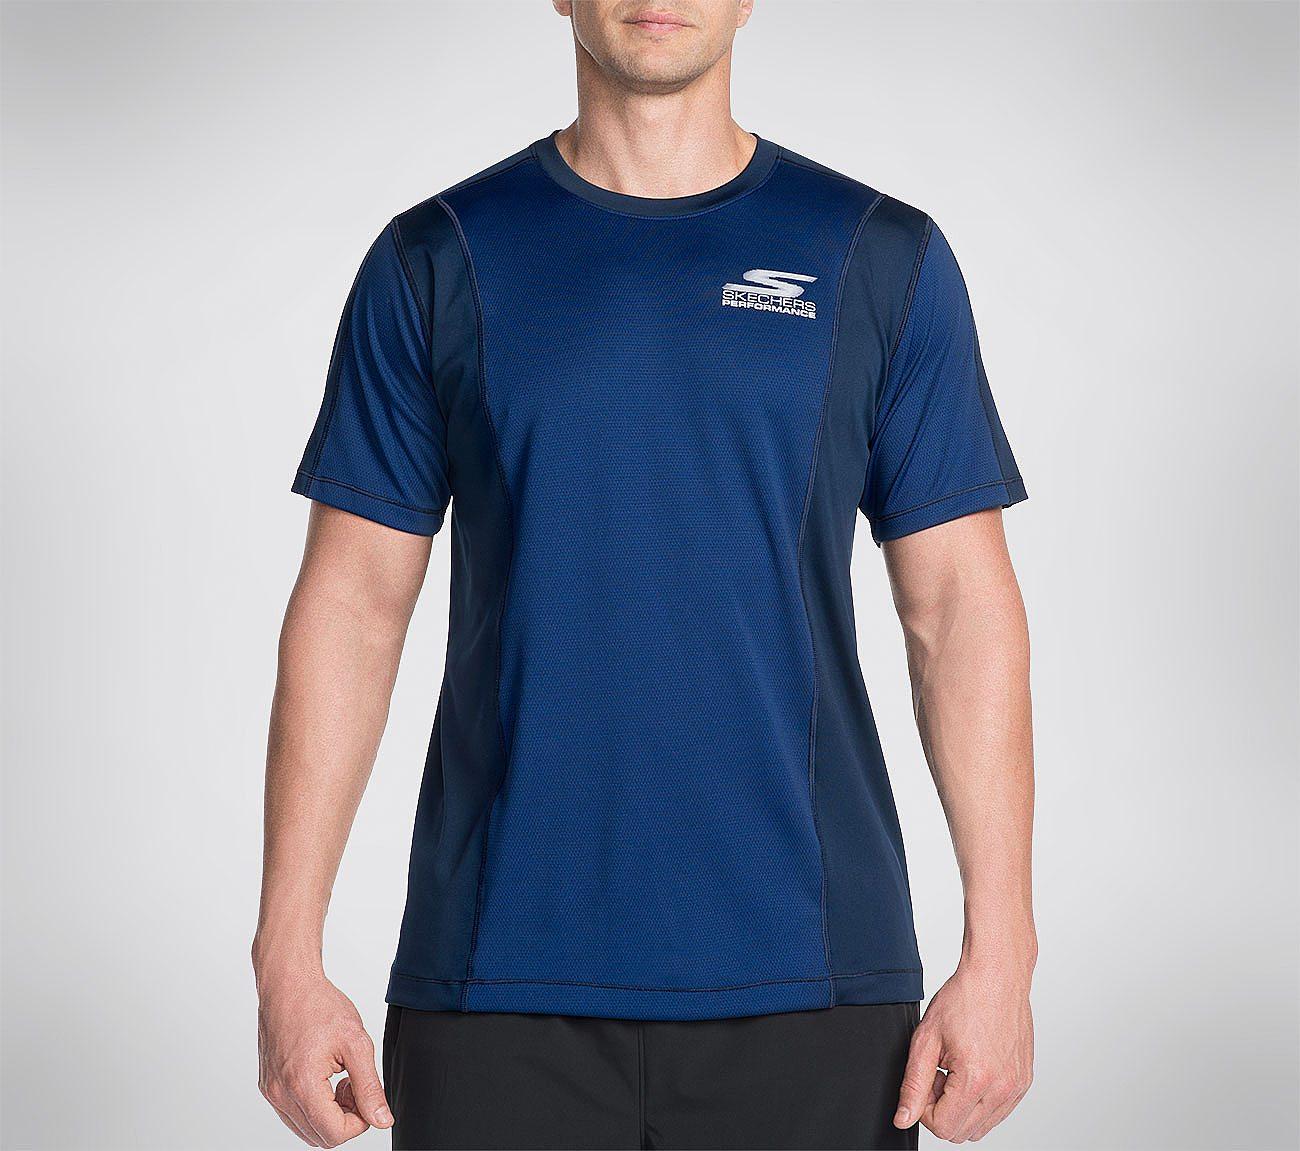 Road Race Tech Tee Shirt